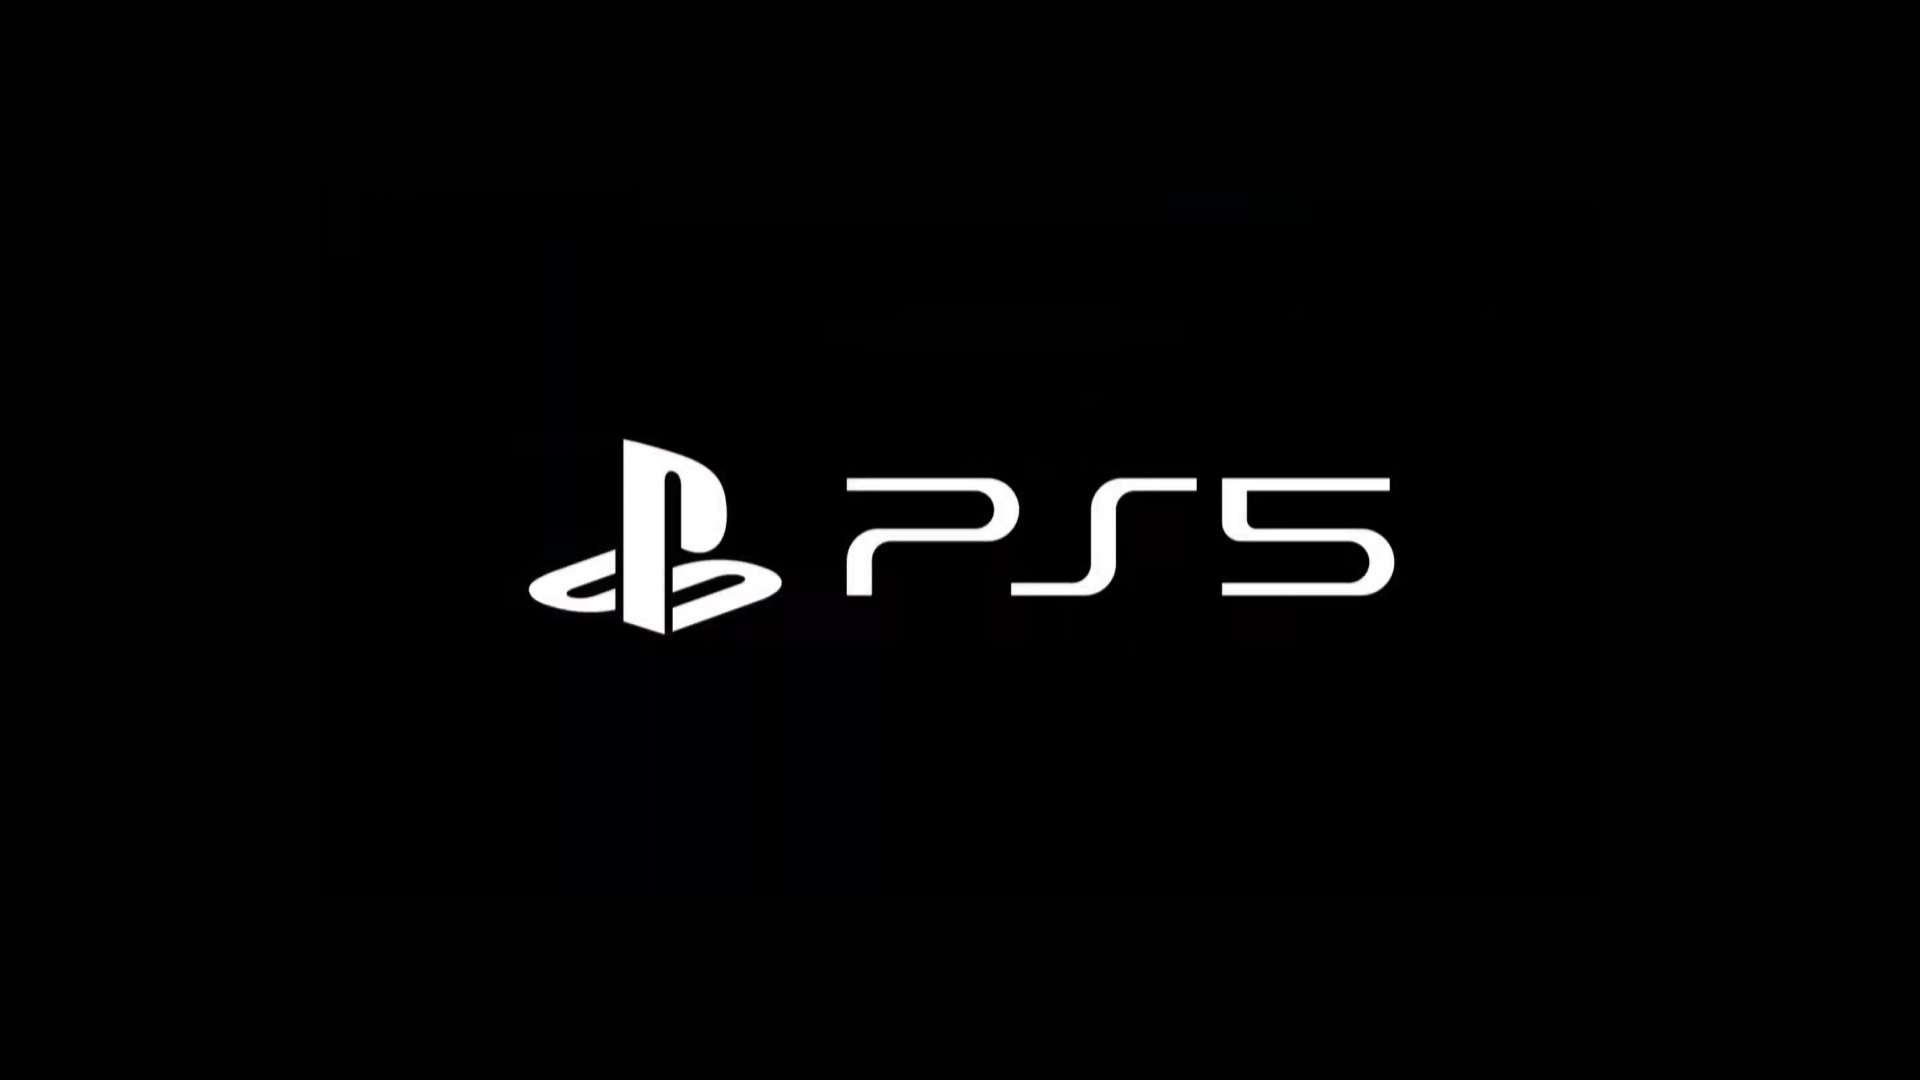 PS5 demos